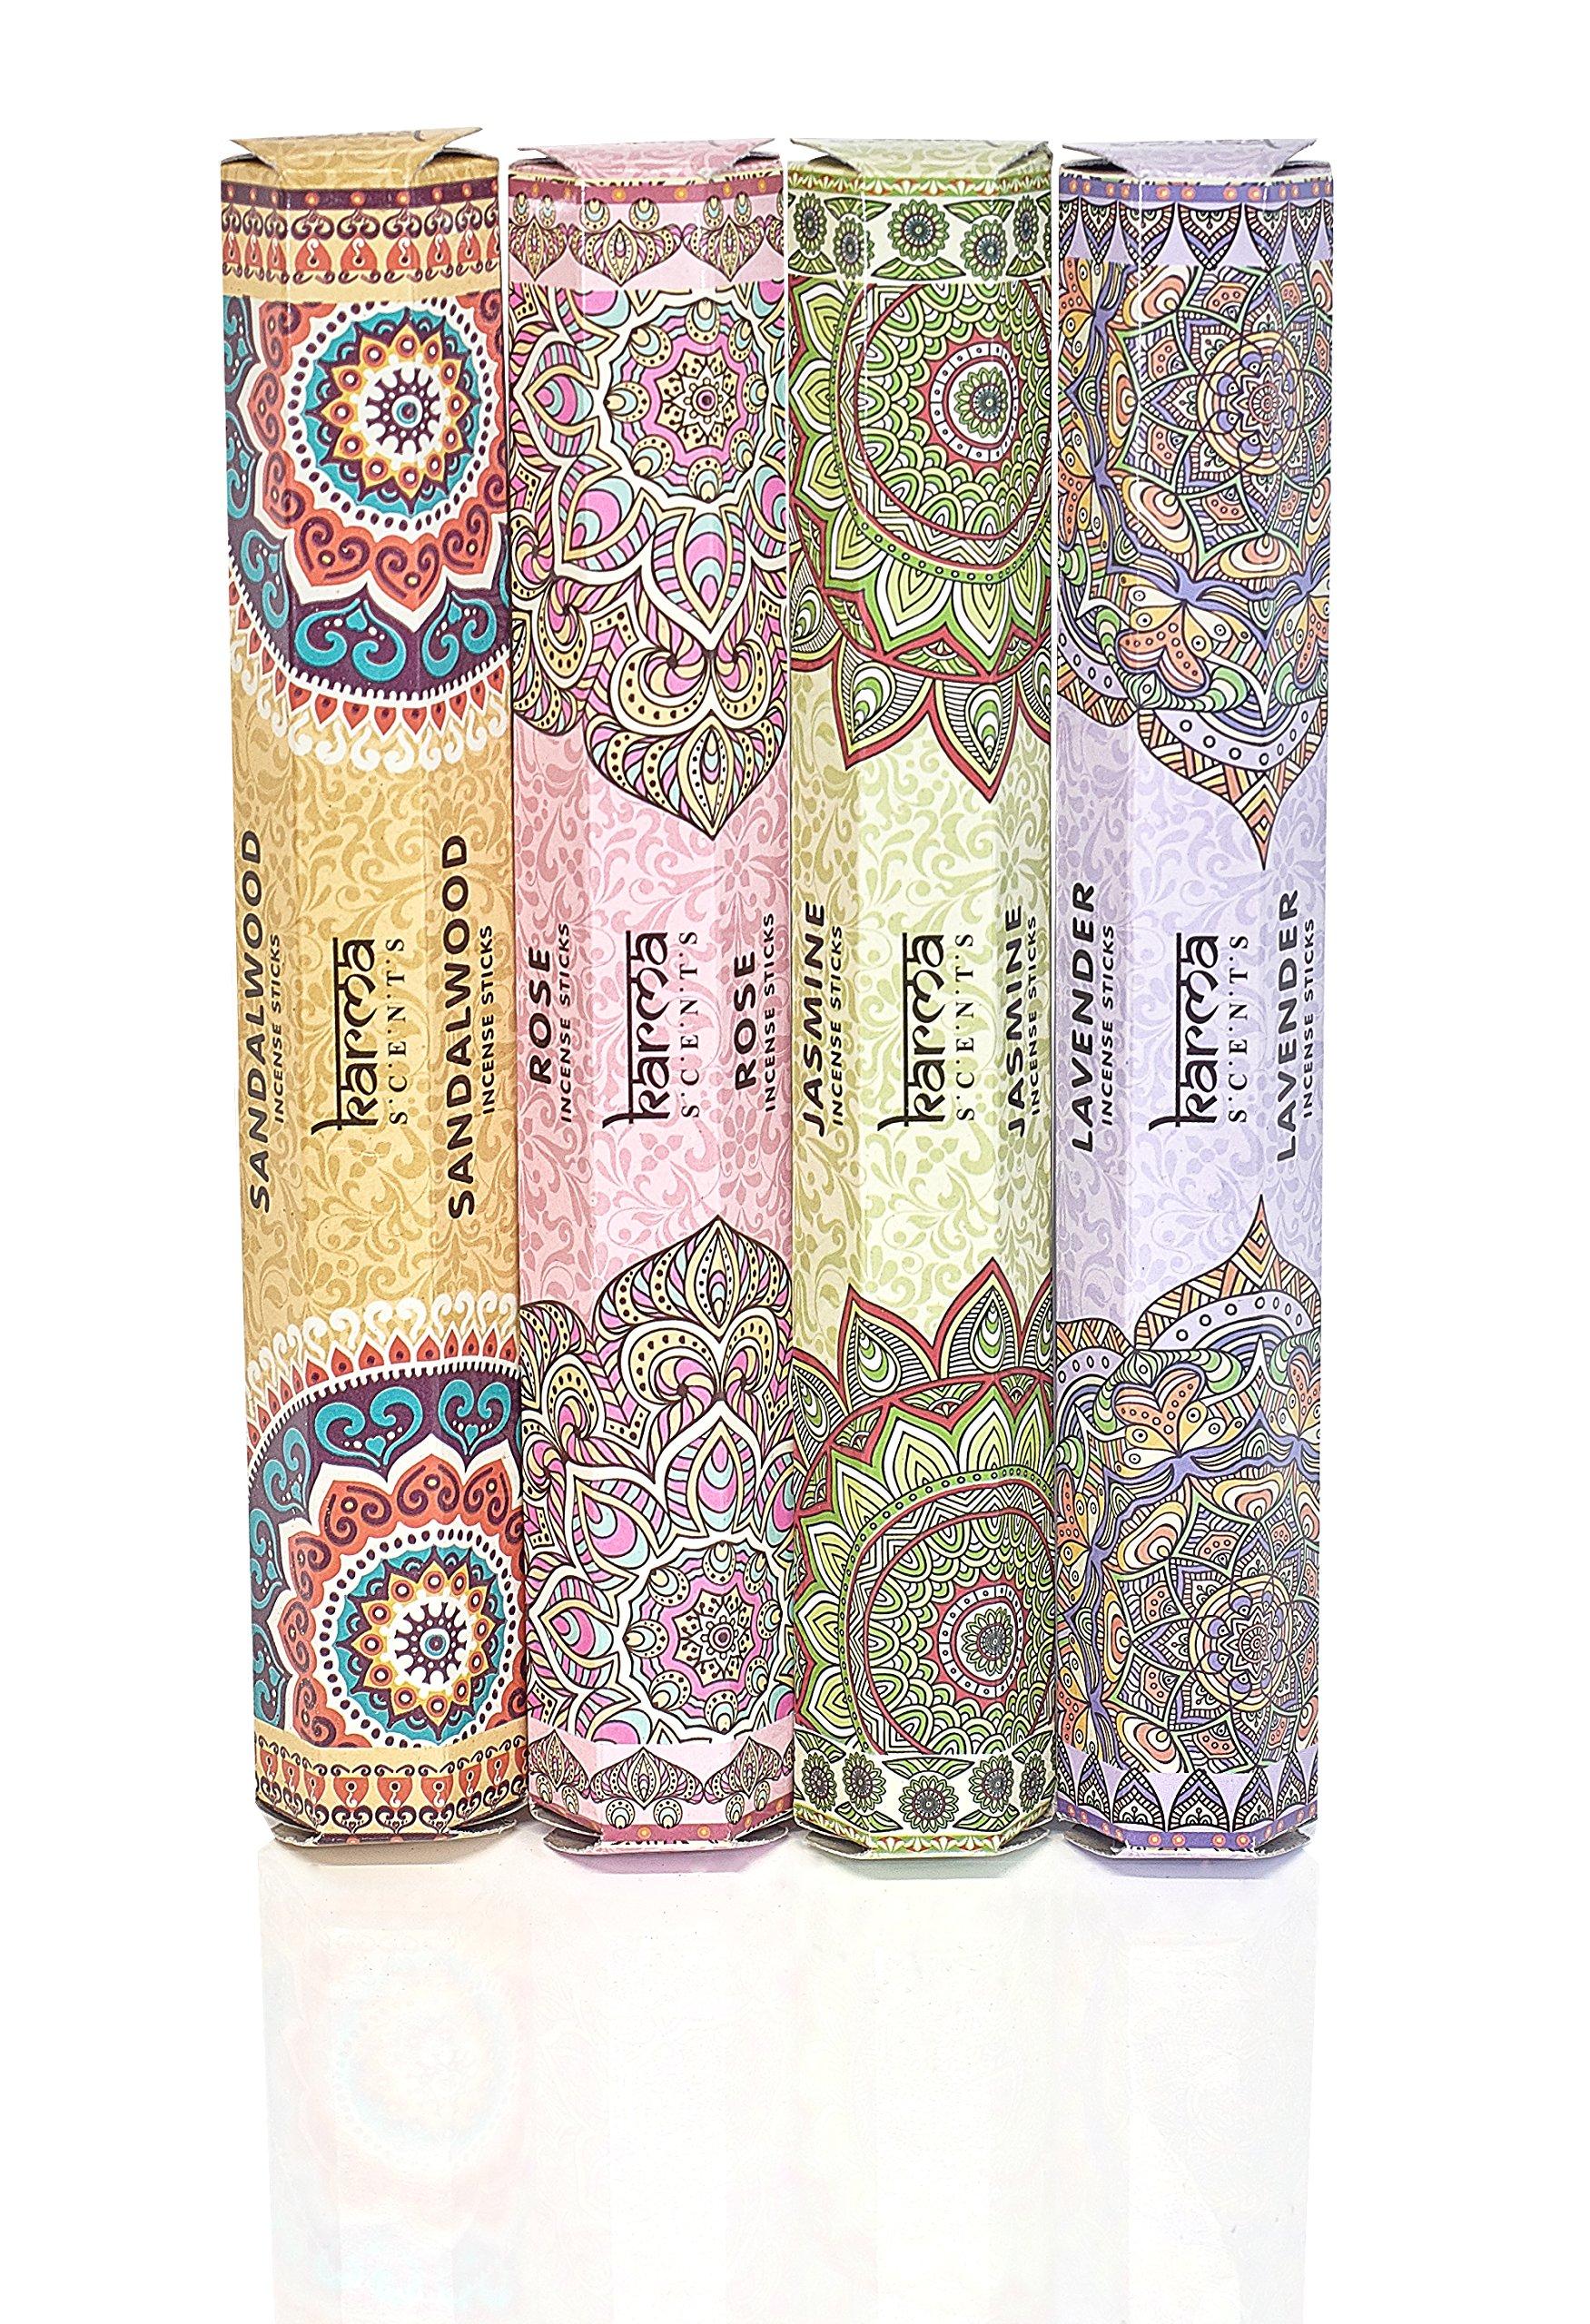 Premium Incense Sticks Sandalwood, Jasmine, Rose and Lavender Variety 56 Sticks Gift Pack With Sparkly Incense Burner